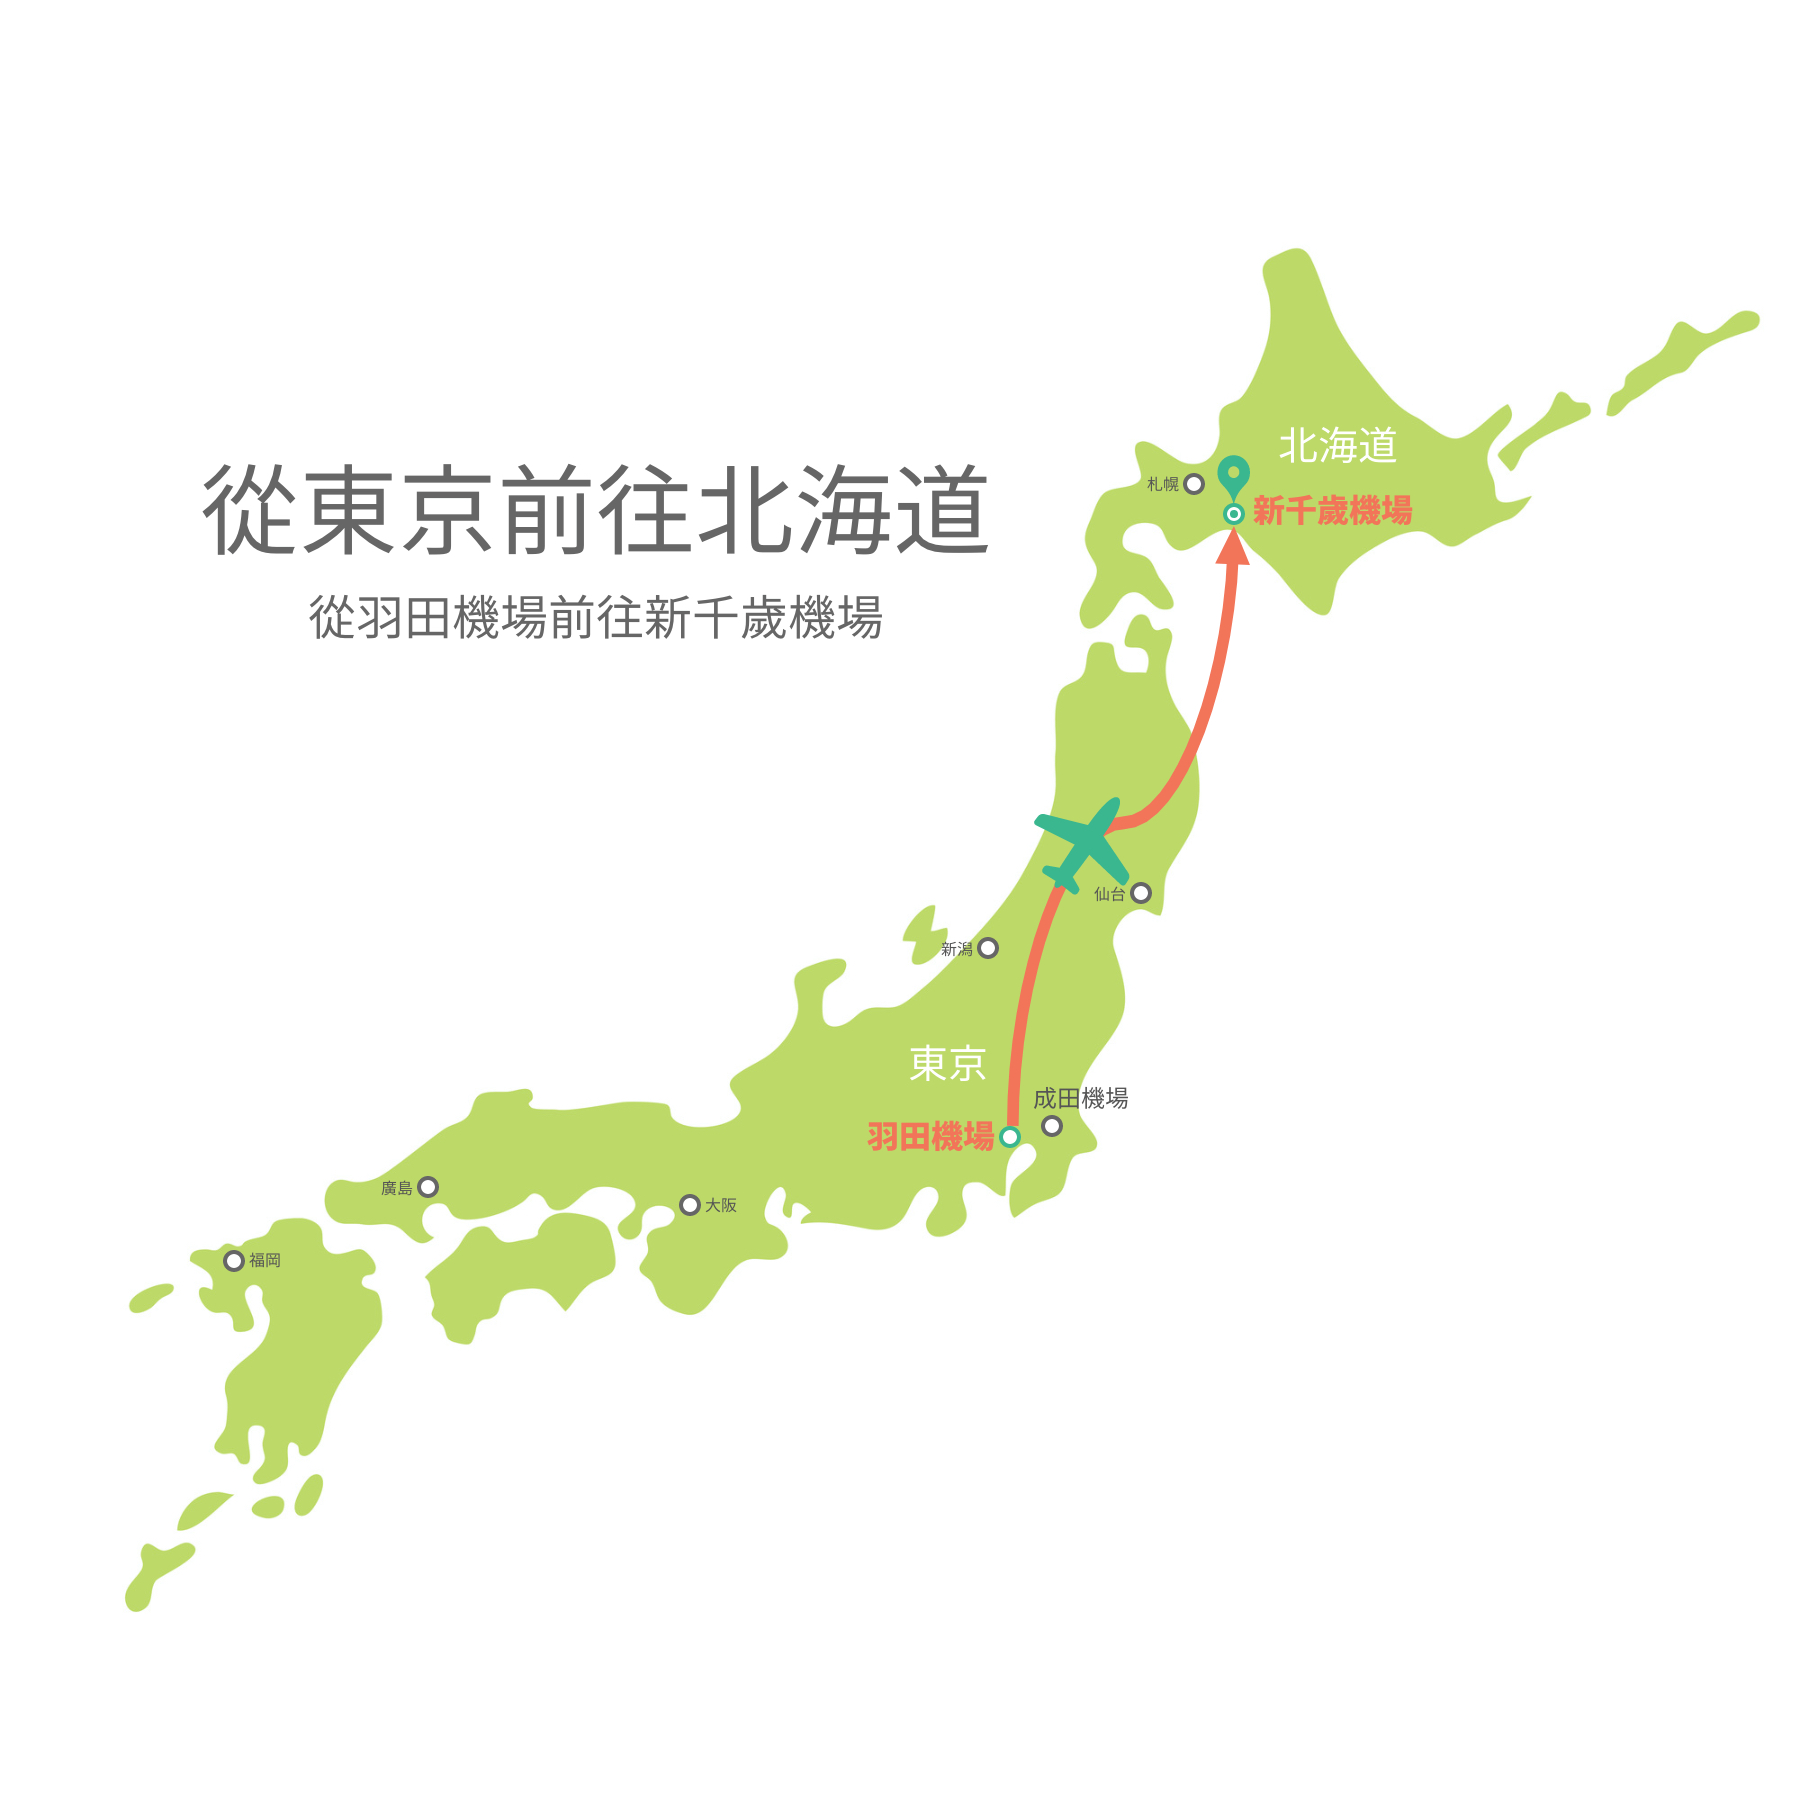 從羽田機場到新千歲機場的交通示意圖